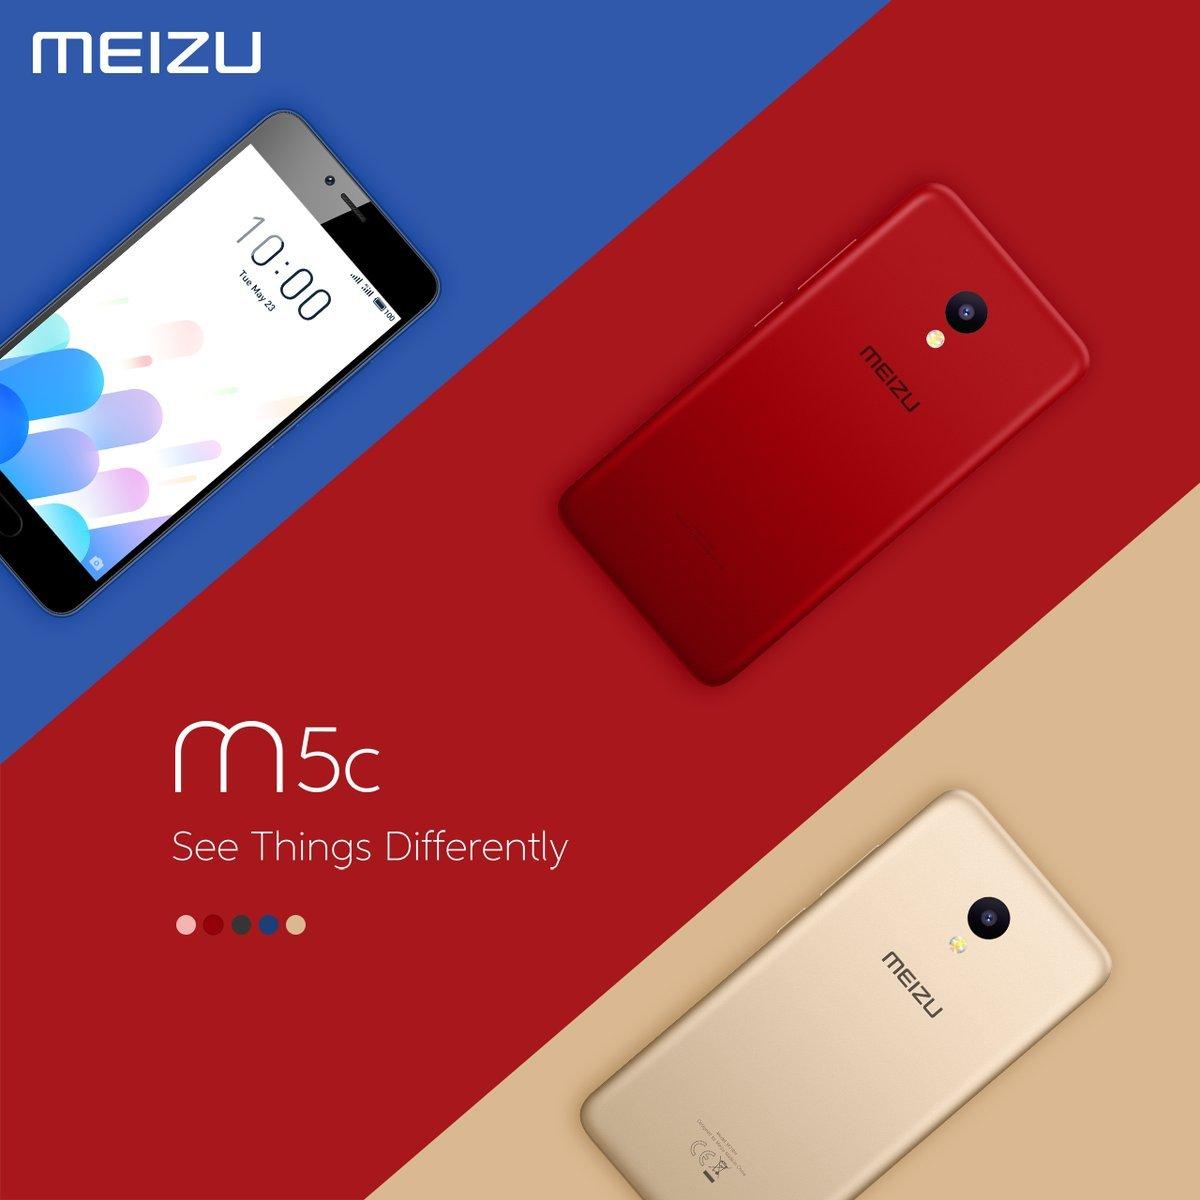 Meizu M5c: Einsteiger-Smartphone mit LTE Band 20 10